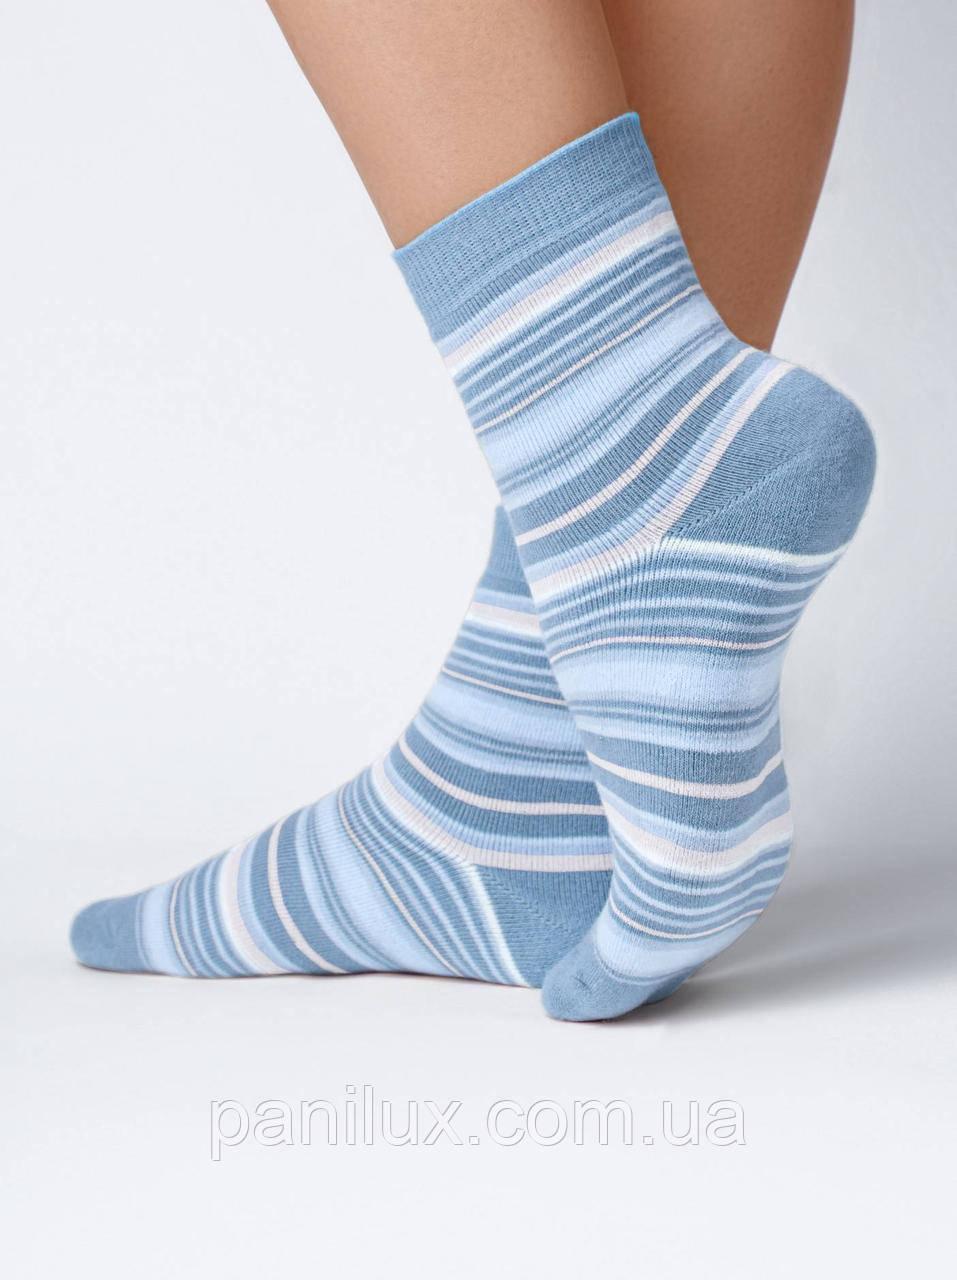 Жіночі махрові шкарпетки CONTE (COMFORT)